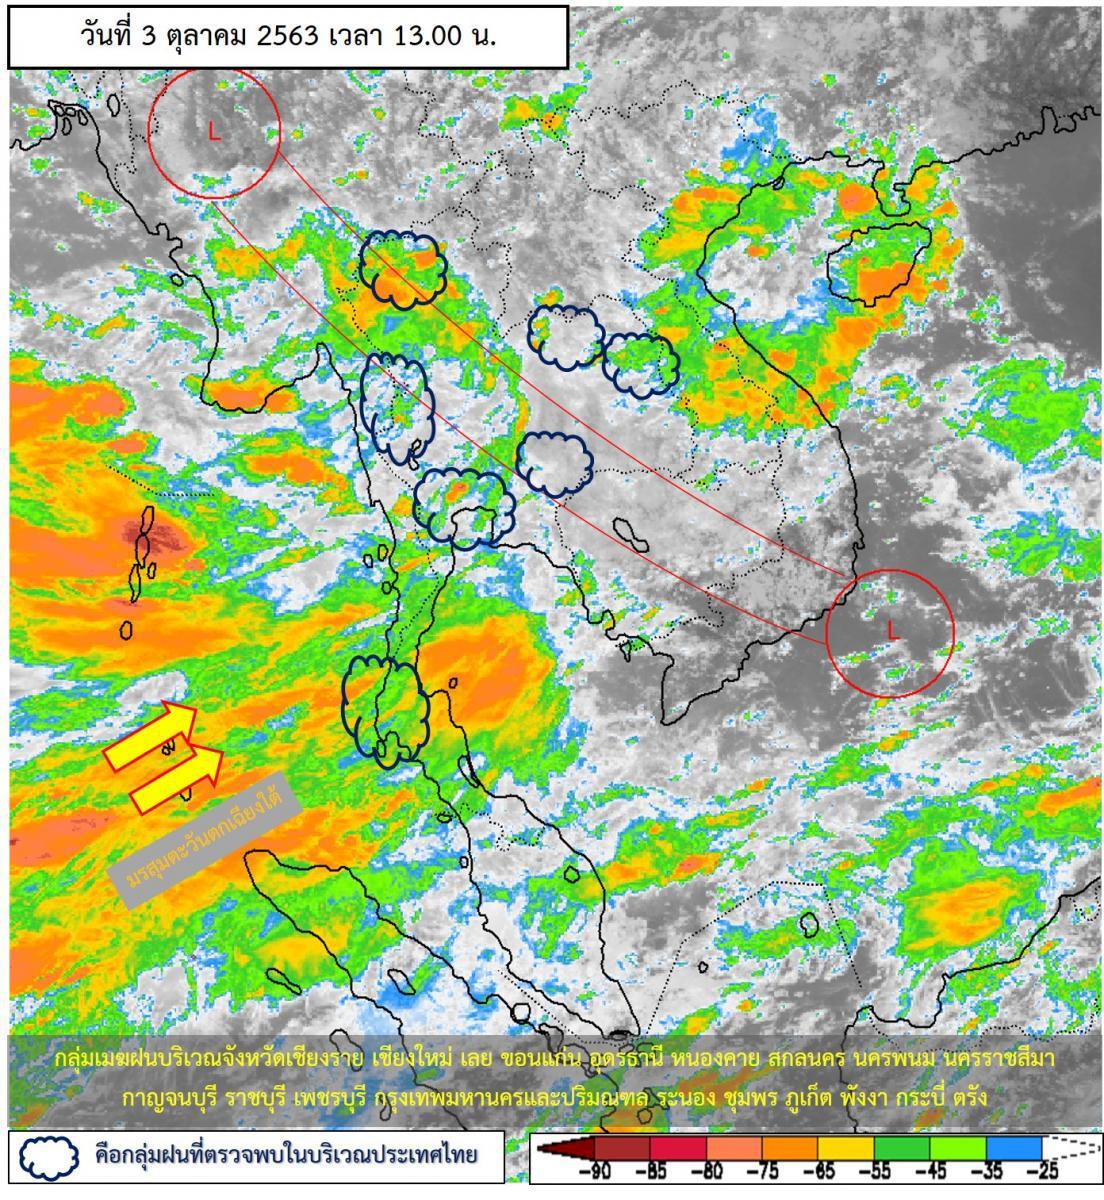 วันนี้ฝนตก 70% จนถึงค่ำ คนกรุงฯเตรียมรับมือ